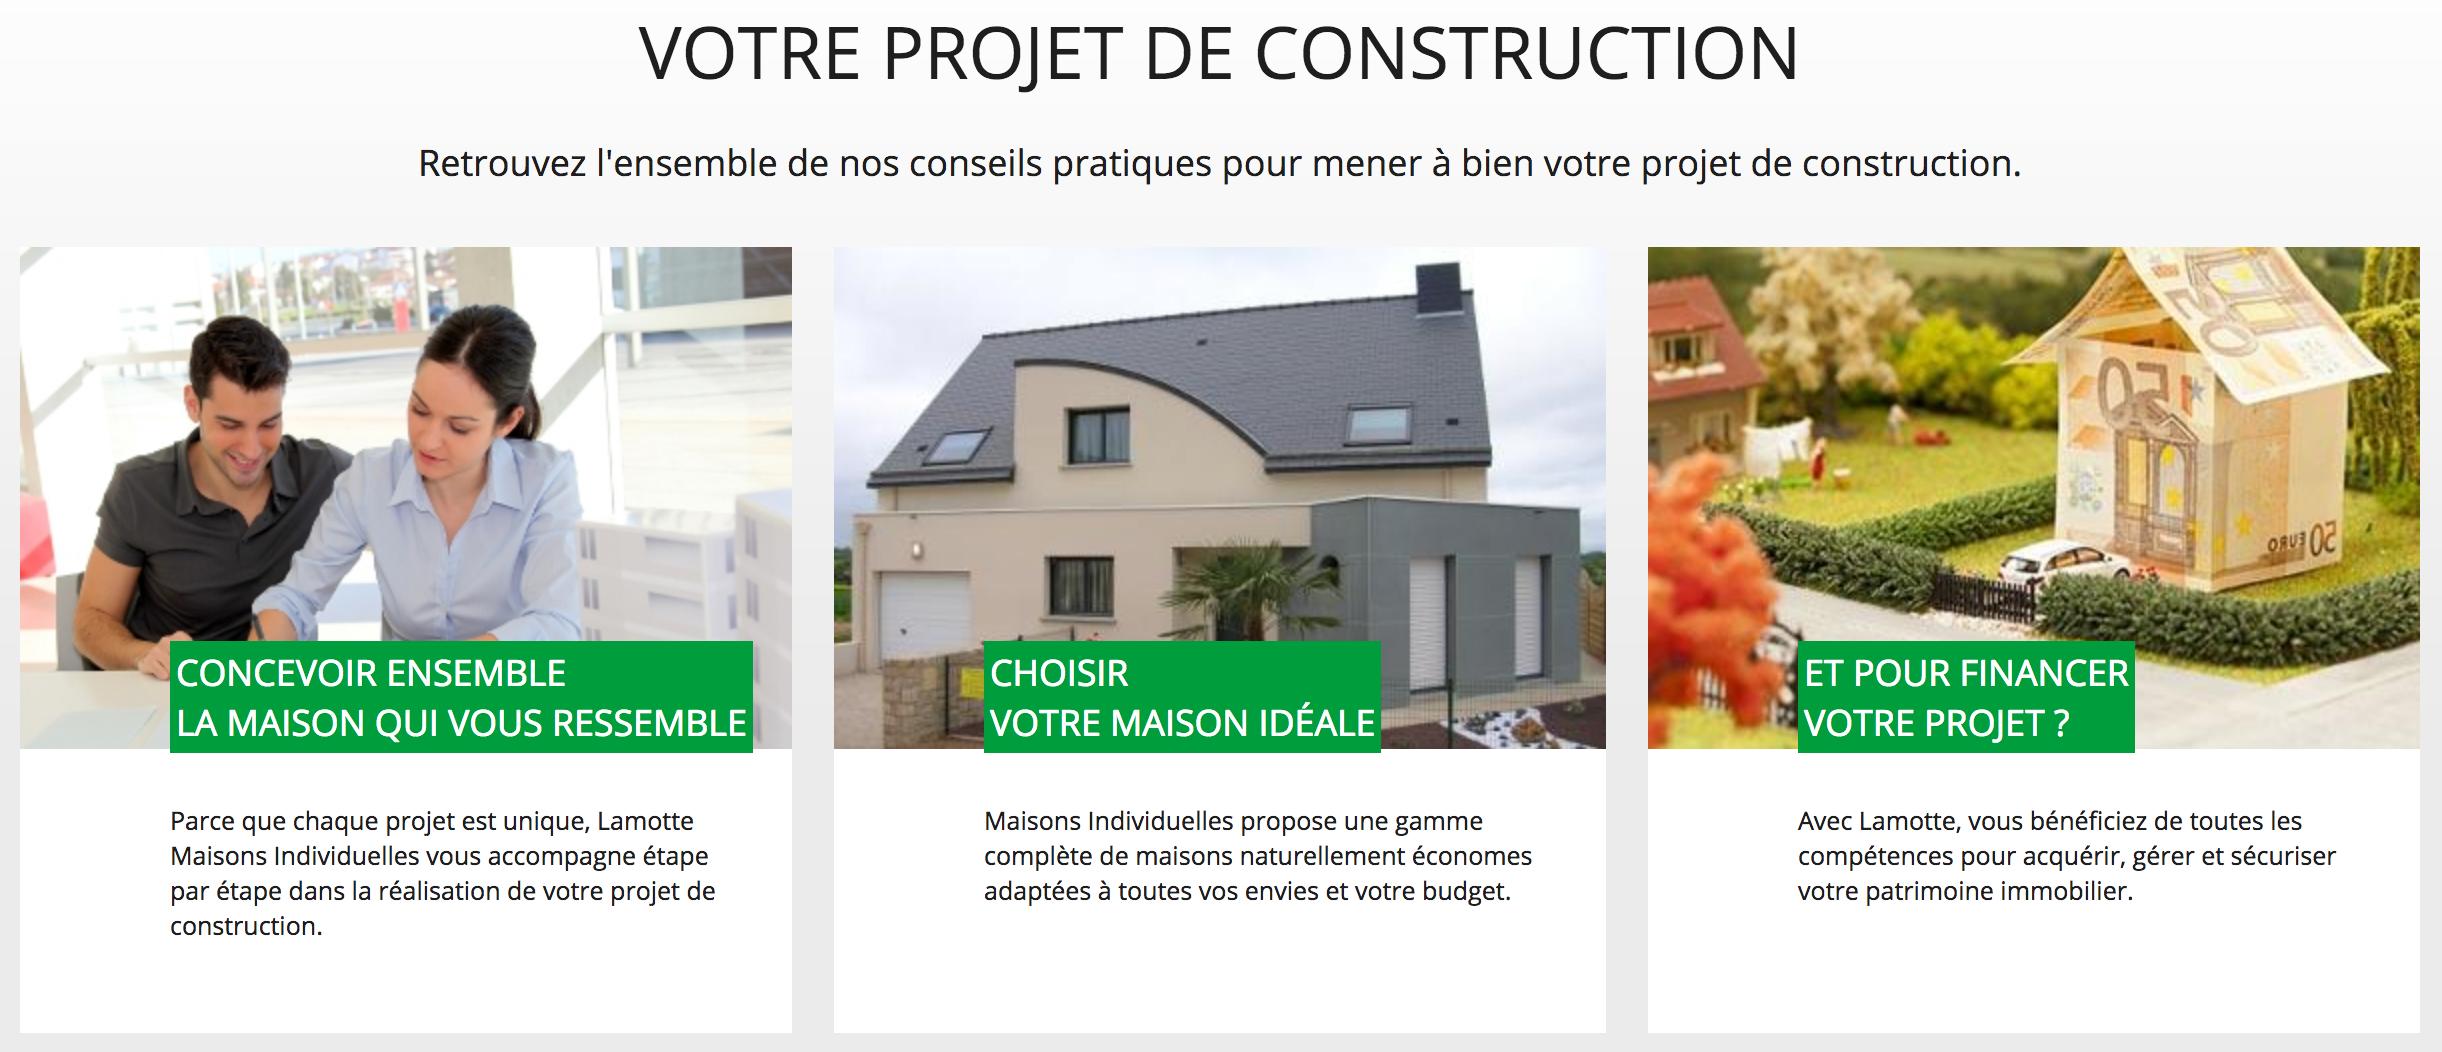 Constructeur De Maison Gers lamotte maisons inviduelles constructeur de maison - achat